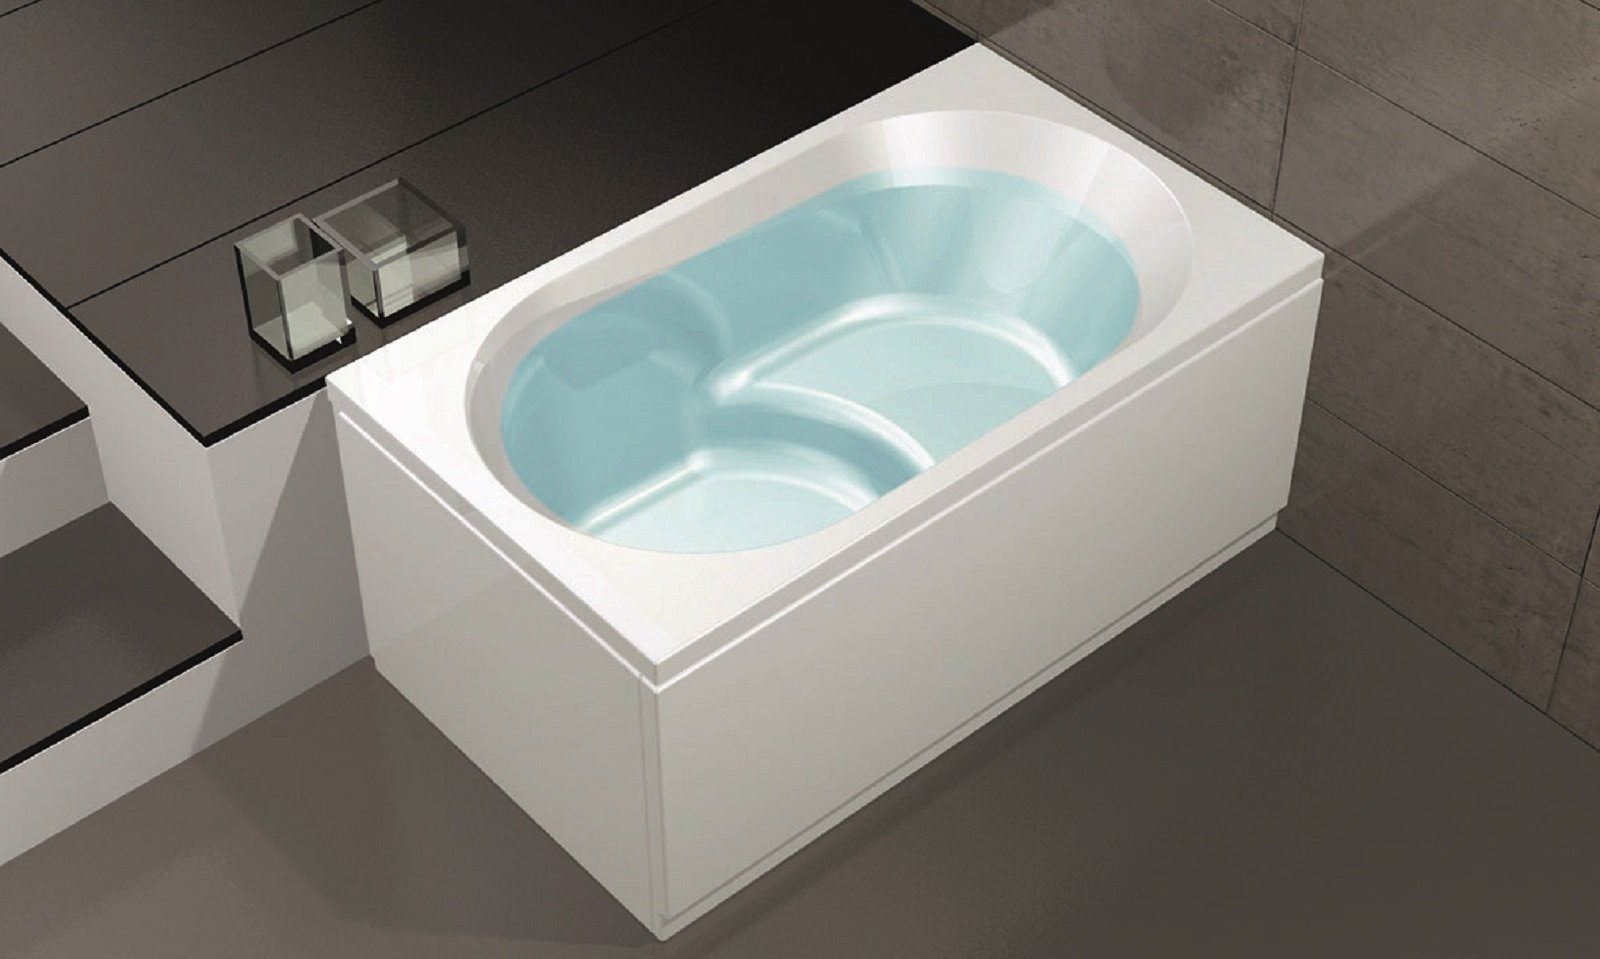 Vasca Da Bagno In Inglese Misure : Vasca da bagno con piedini